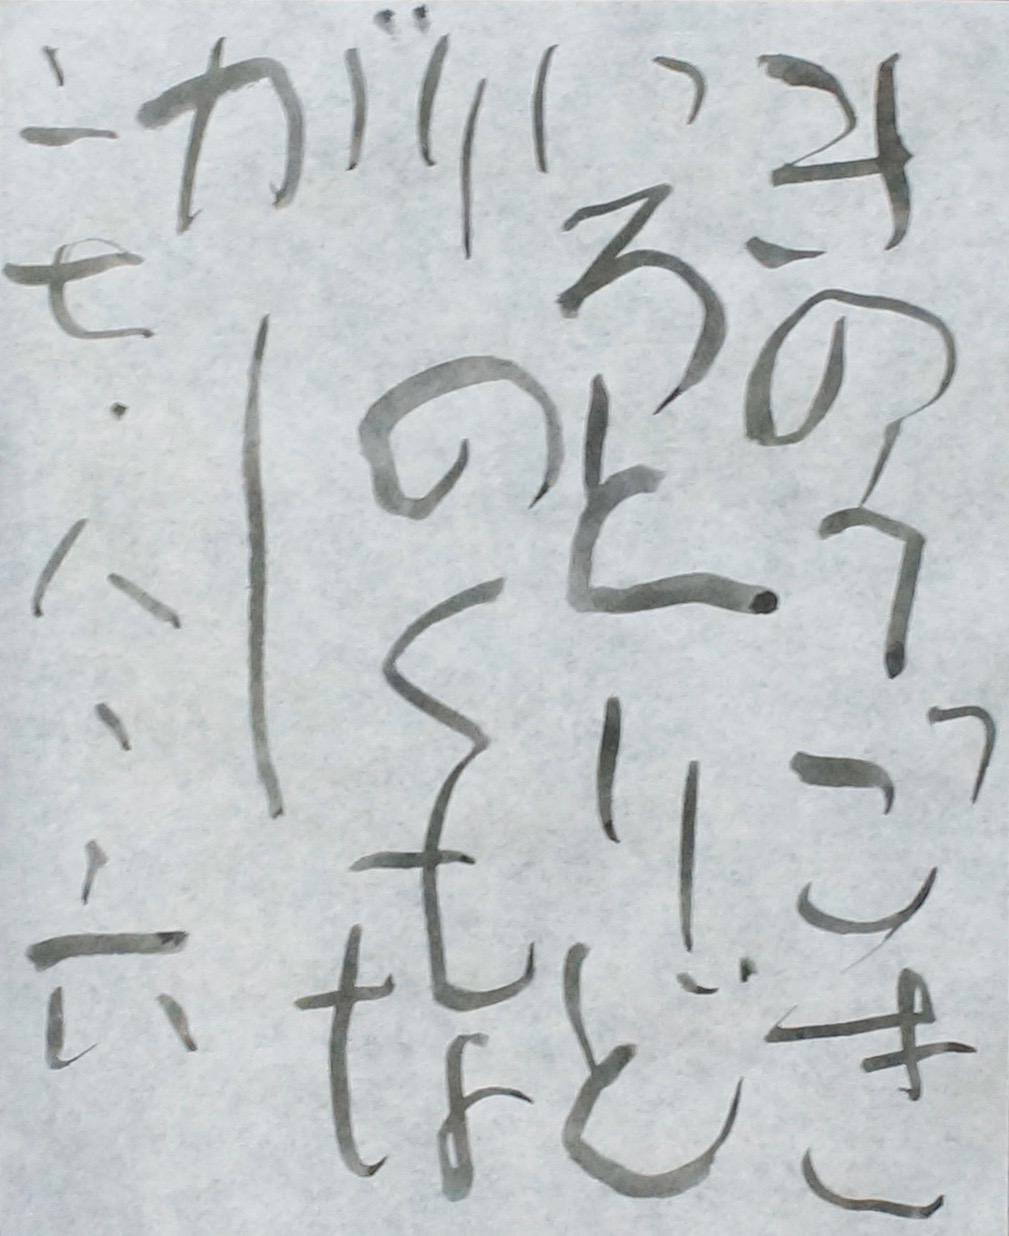 朝歌8月6日_c0169176_7124013.jpg